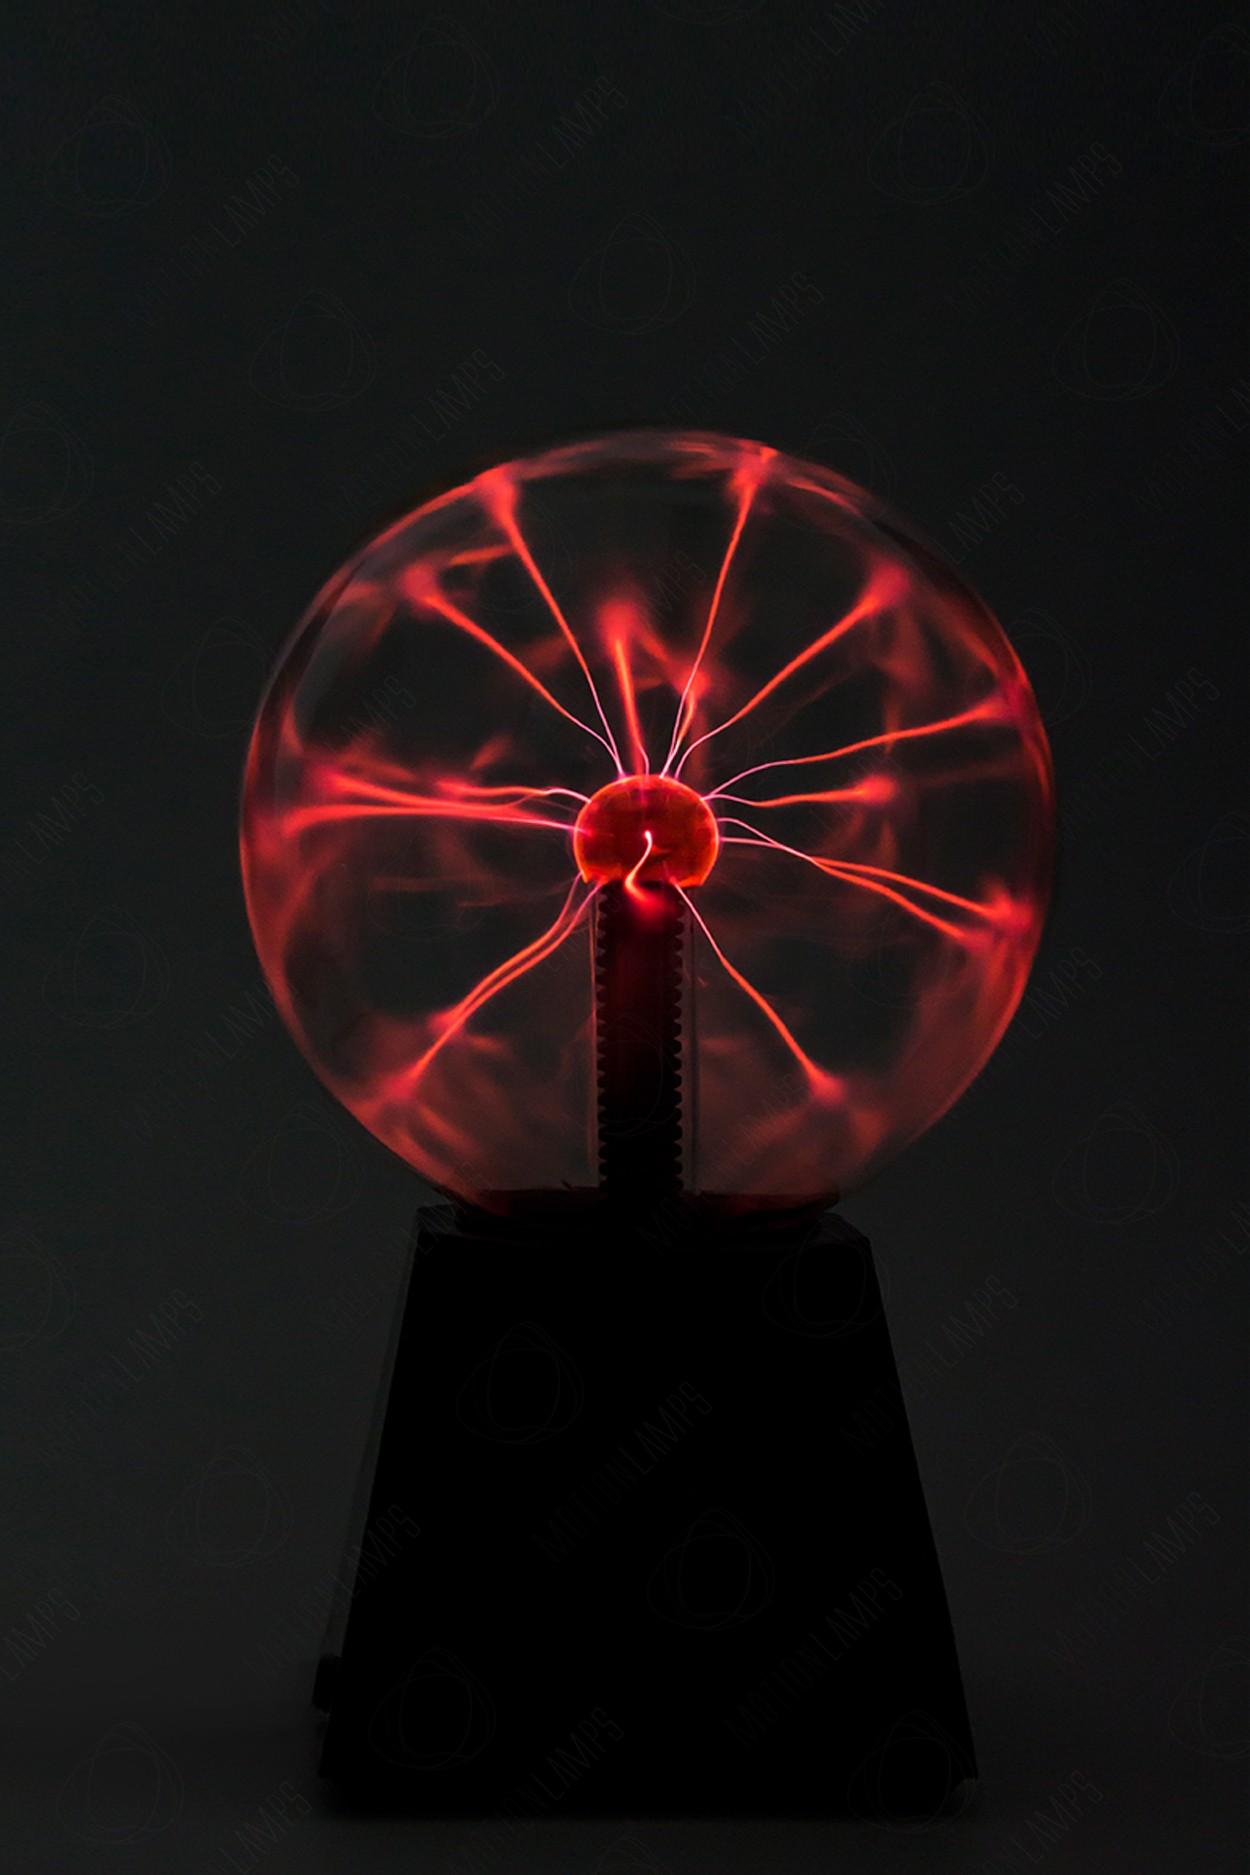 Электрический плазменный шар (D - 15см) Красный в Москве